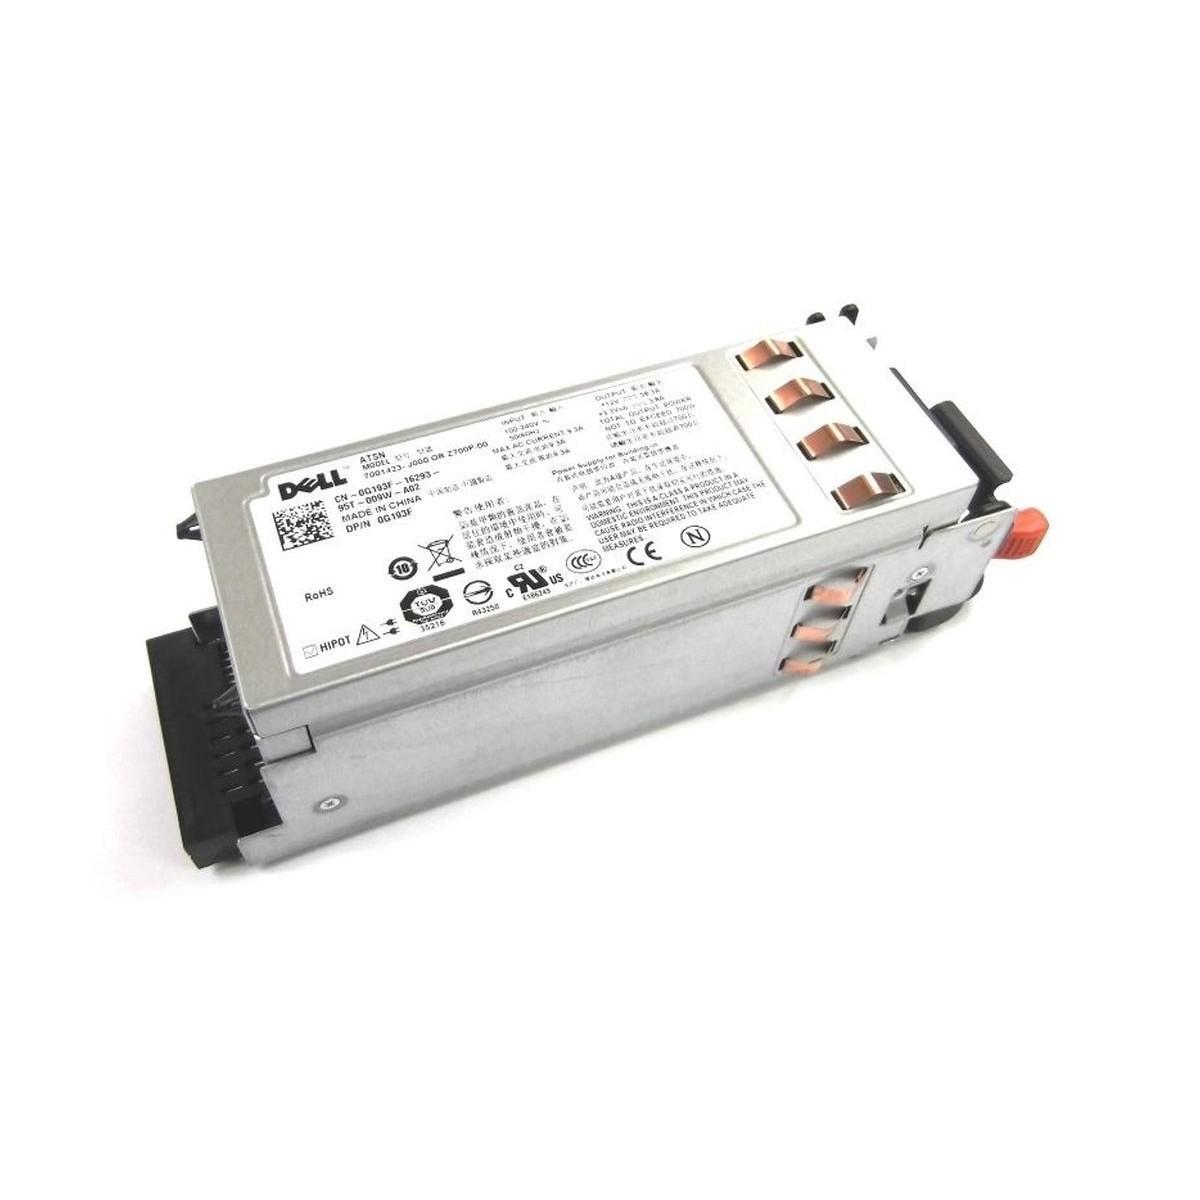 Zasilacz Dell PowerEdge R805 0G193F Z700P-00 700W